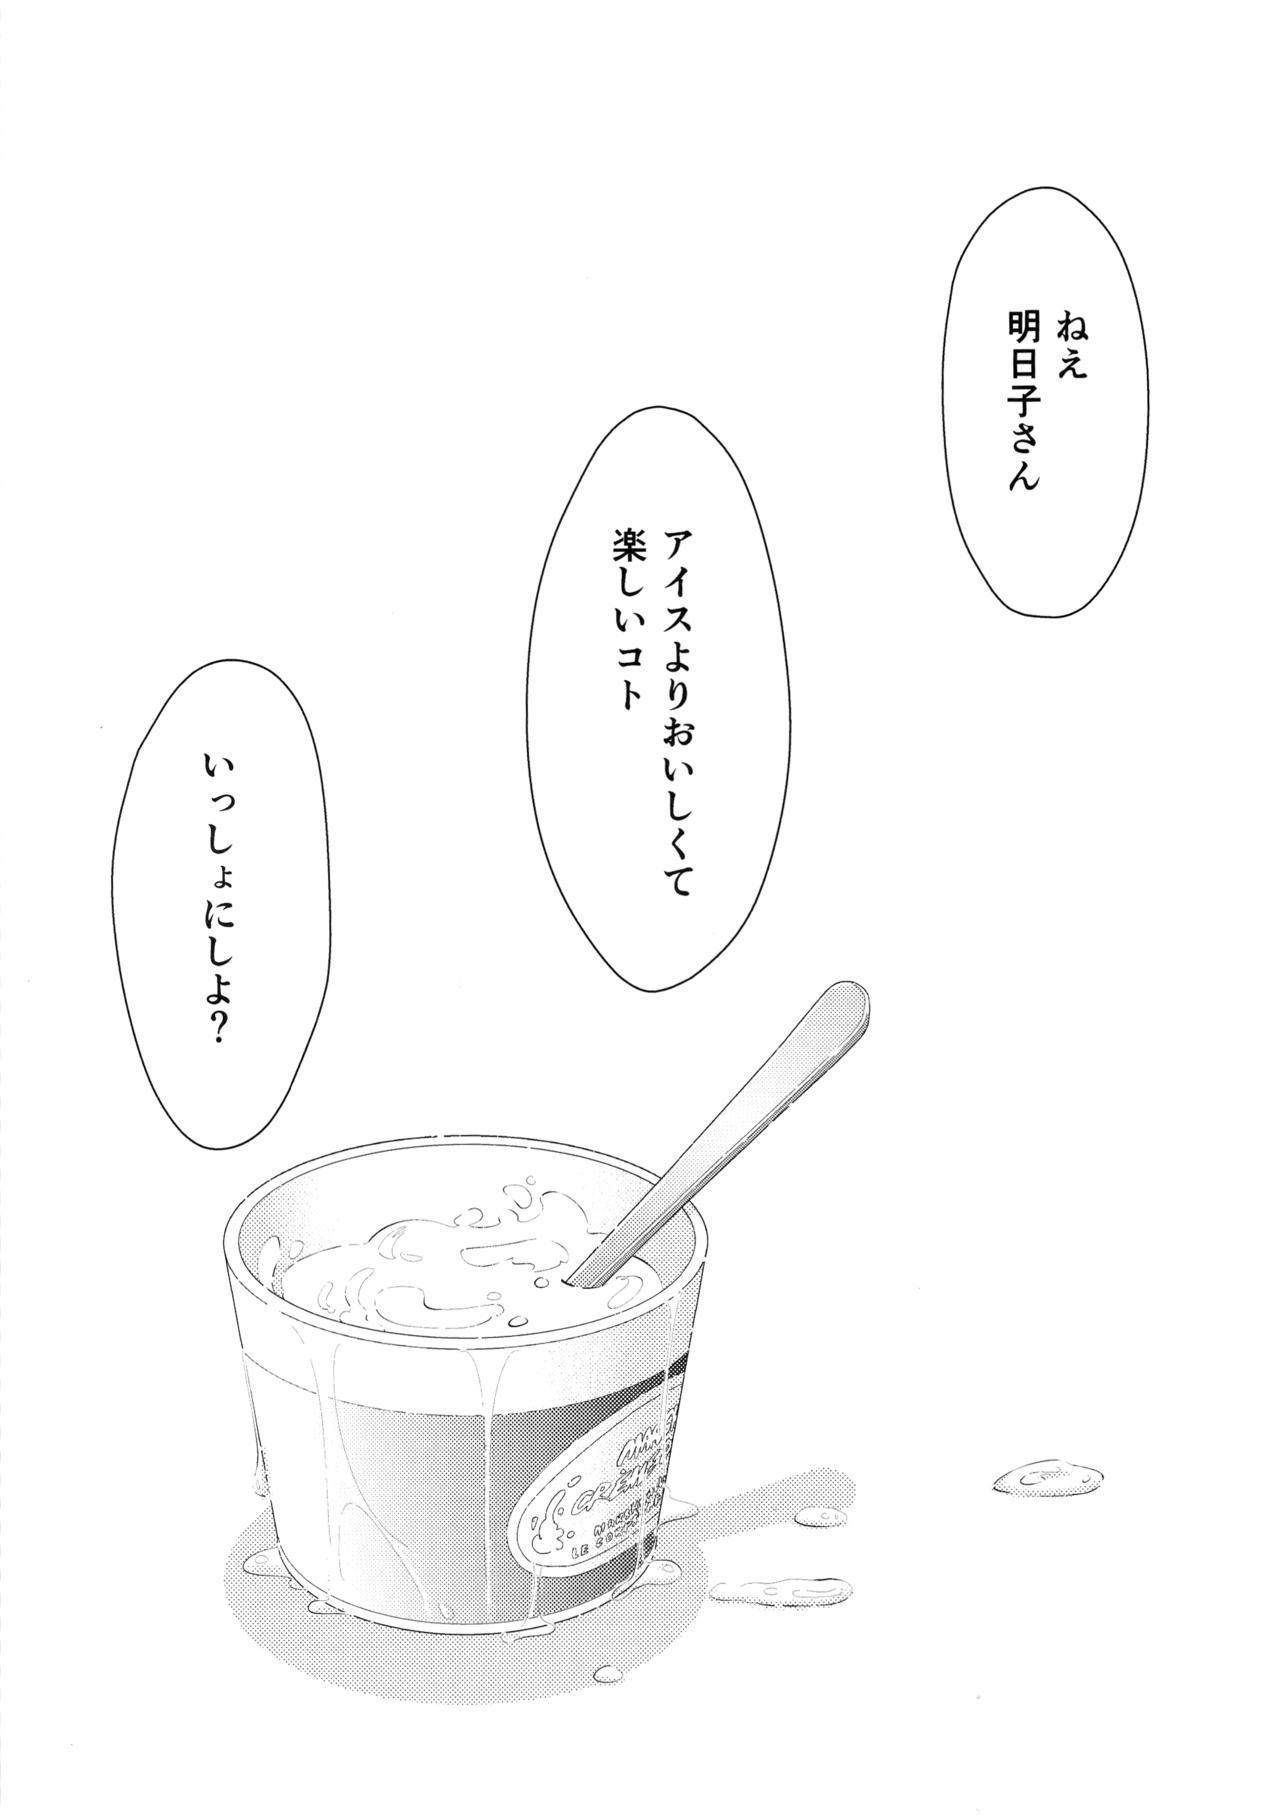 Marshmallow 1+2 22